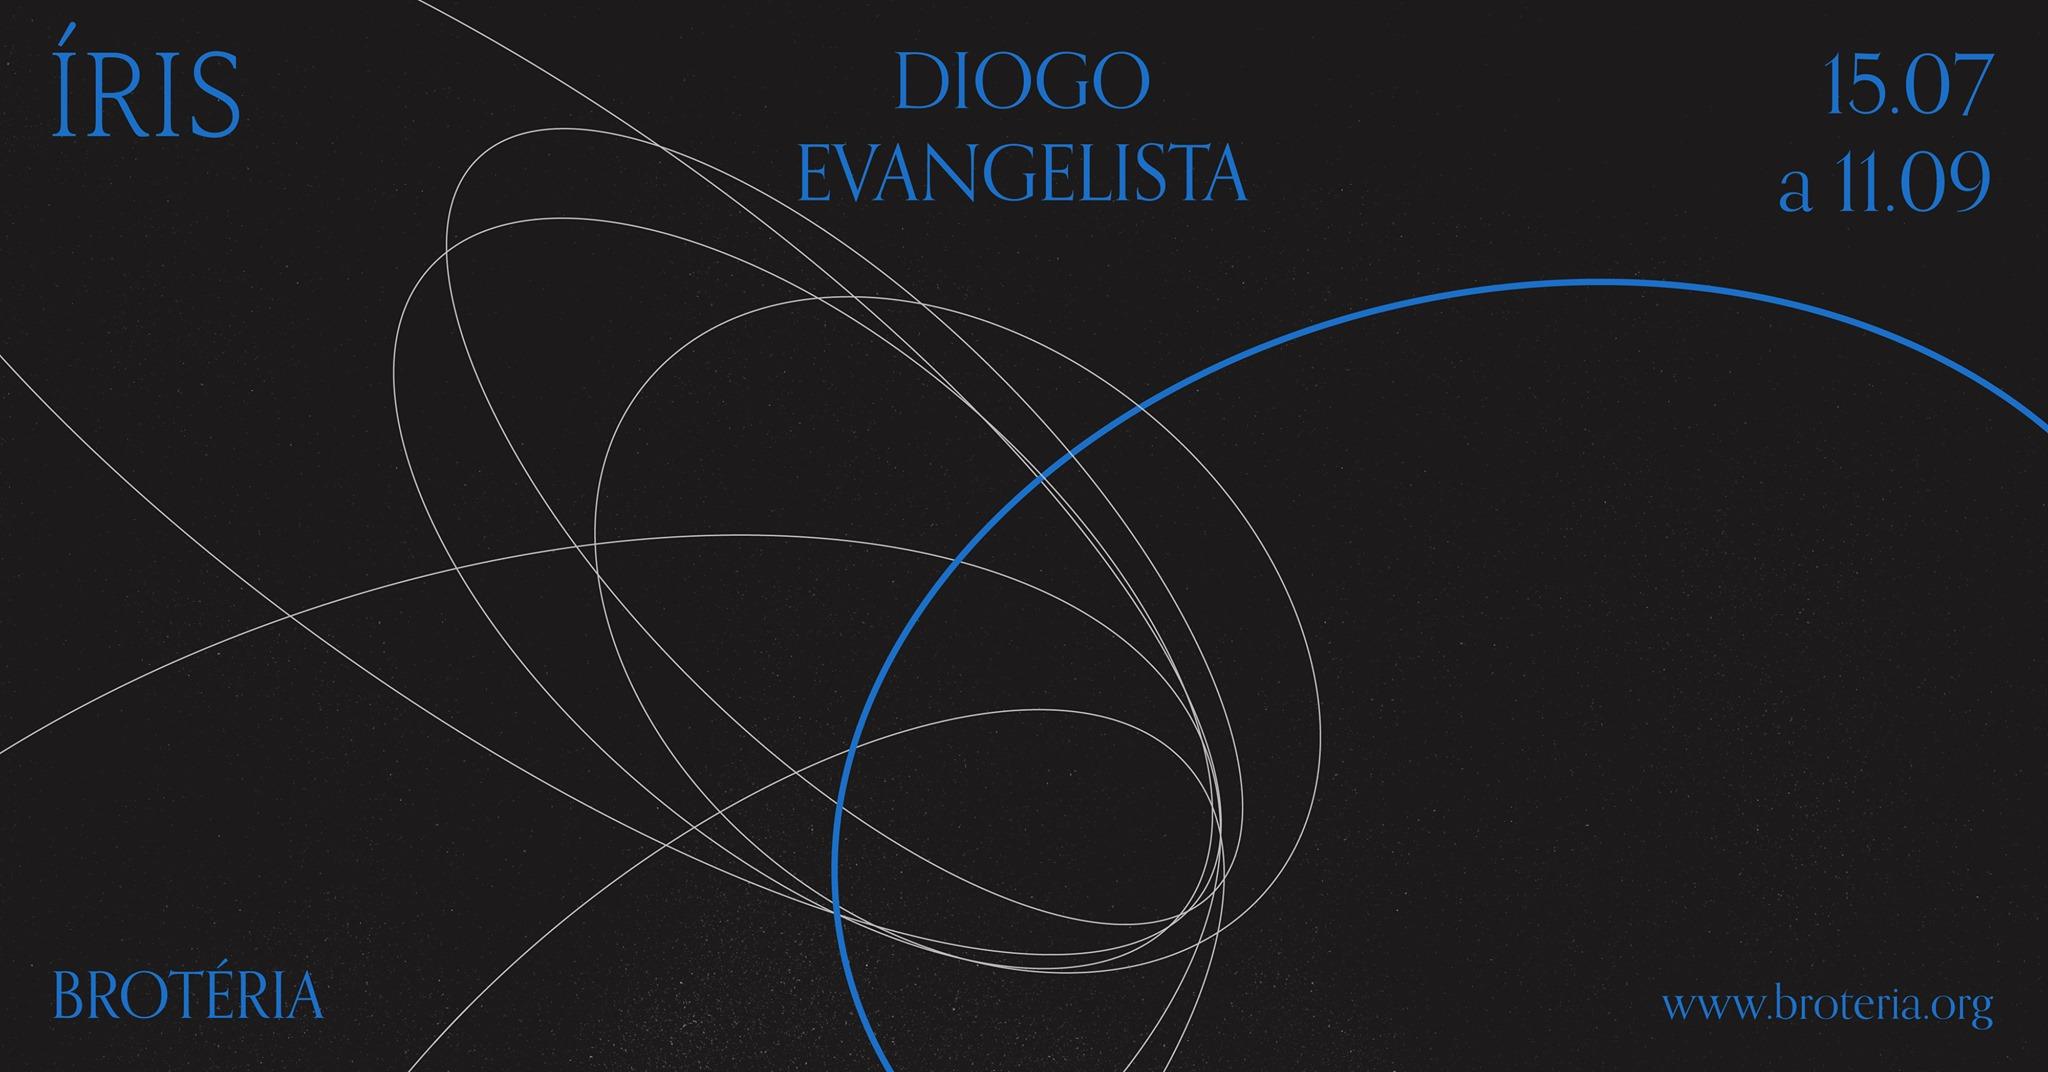 Inauguração da exposição ÍRIS – Diogo Evangelista